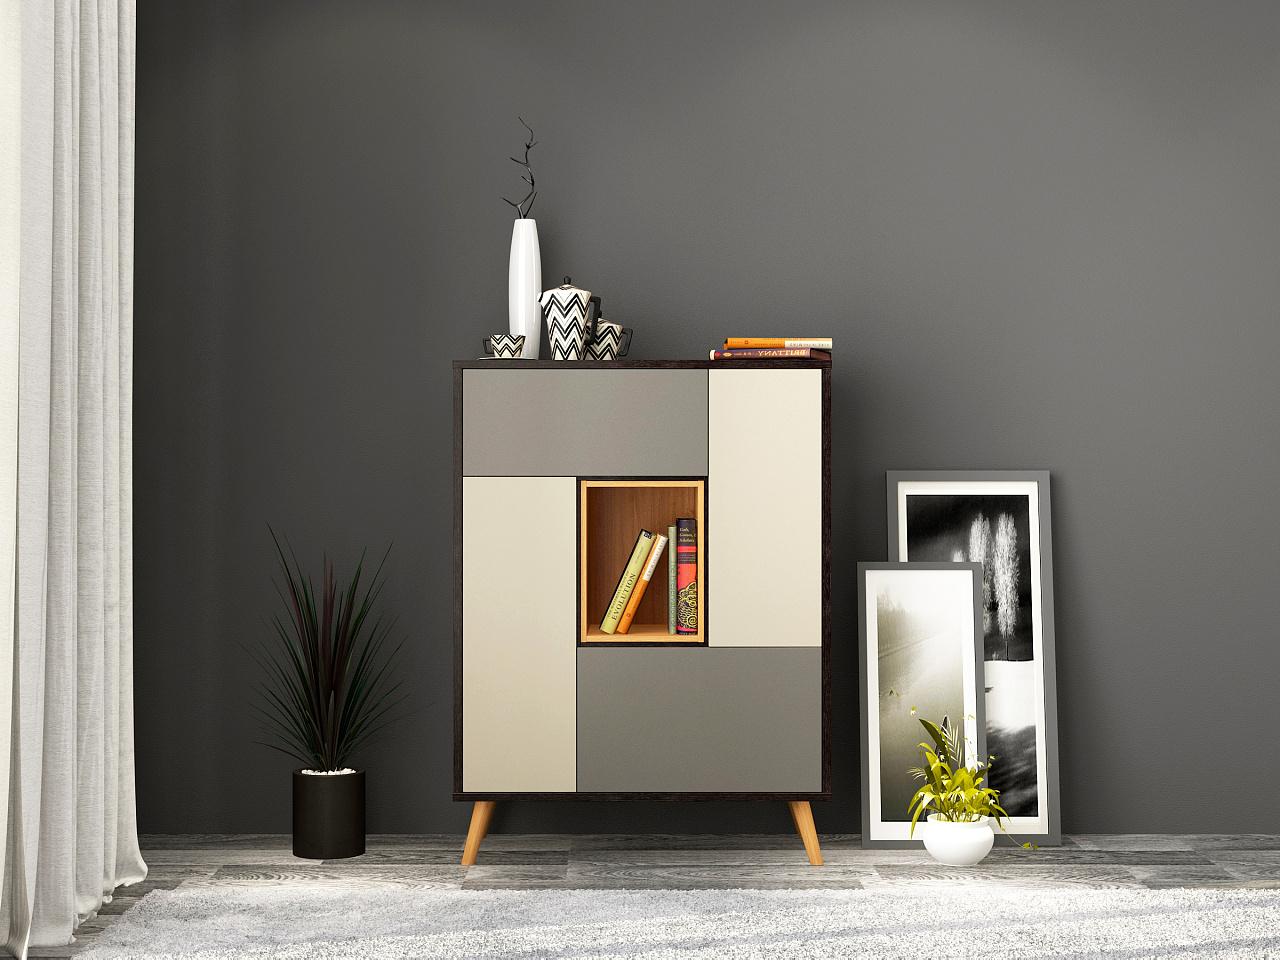 雅风简约|工业/产品|家具|fairlyfeng-原创作品新会2017红木家具行情图片